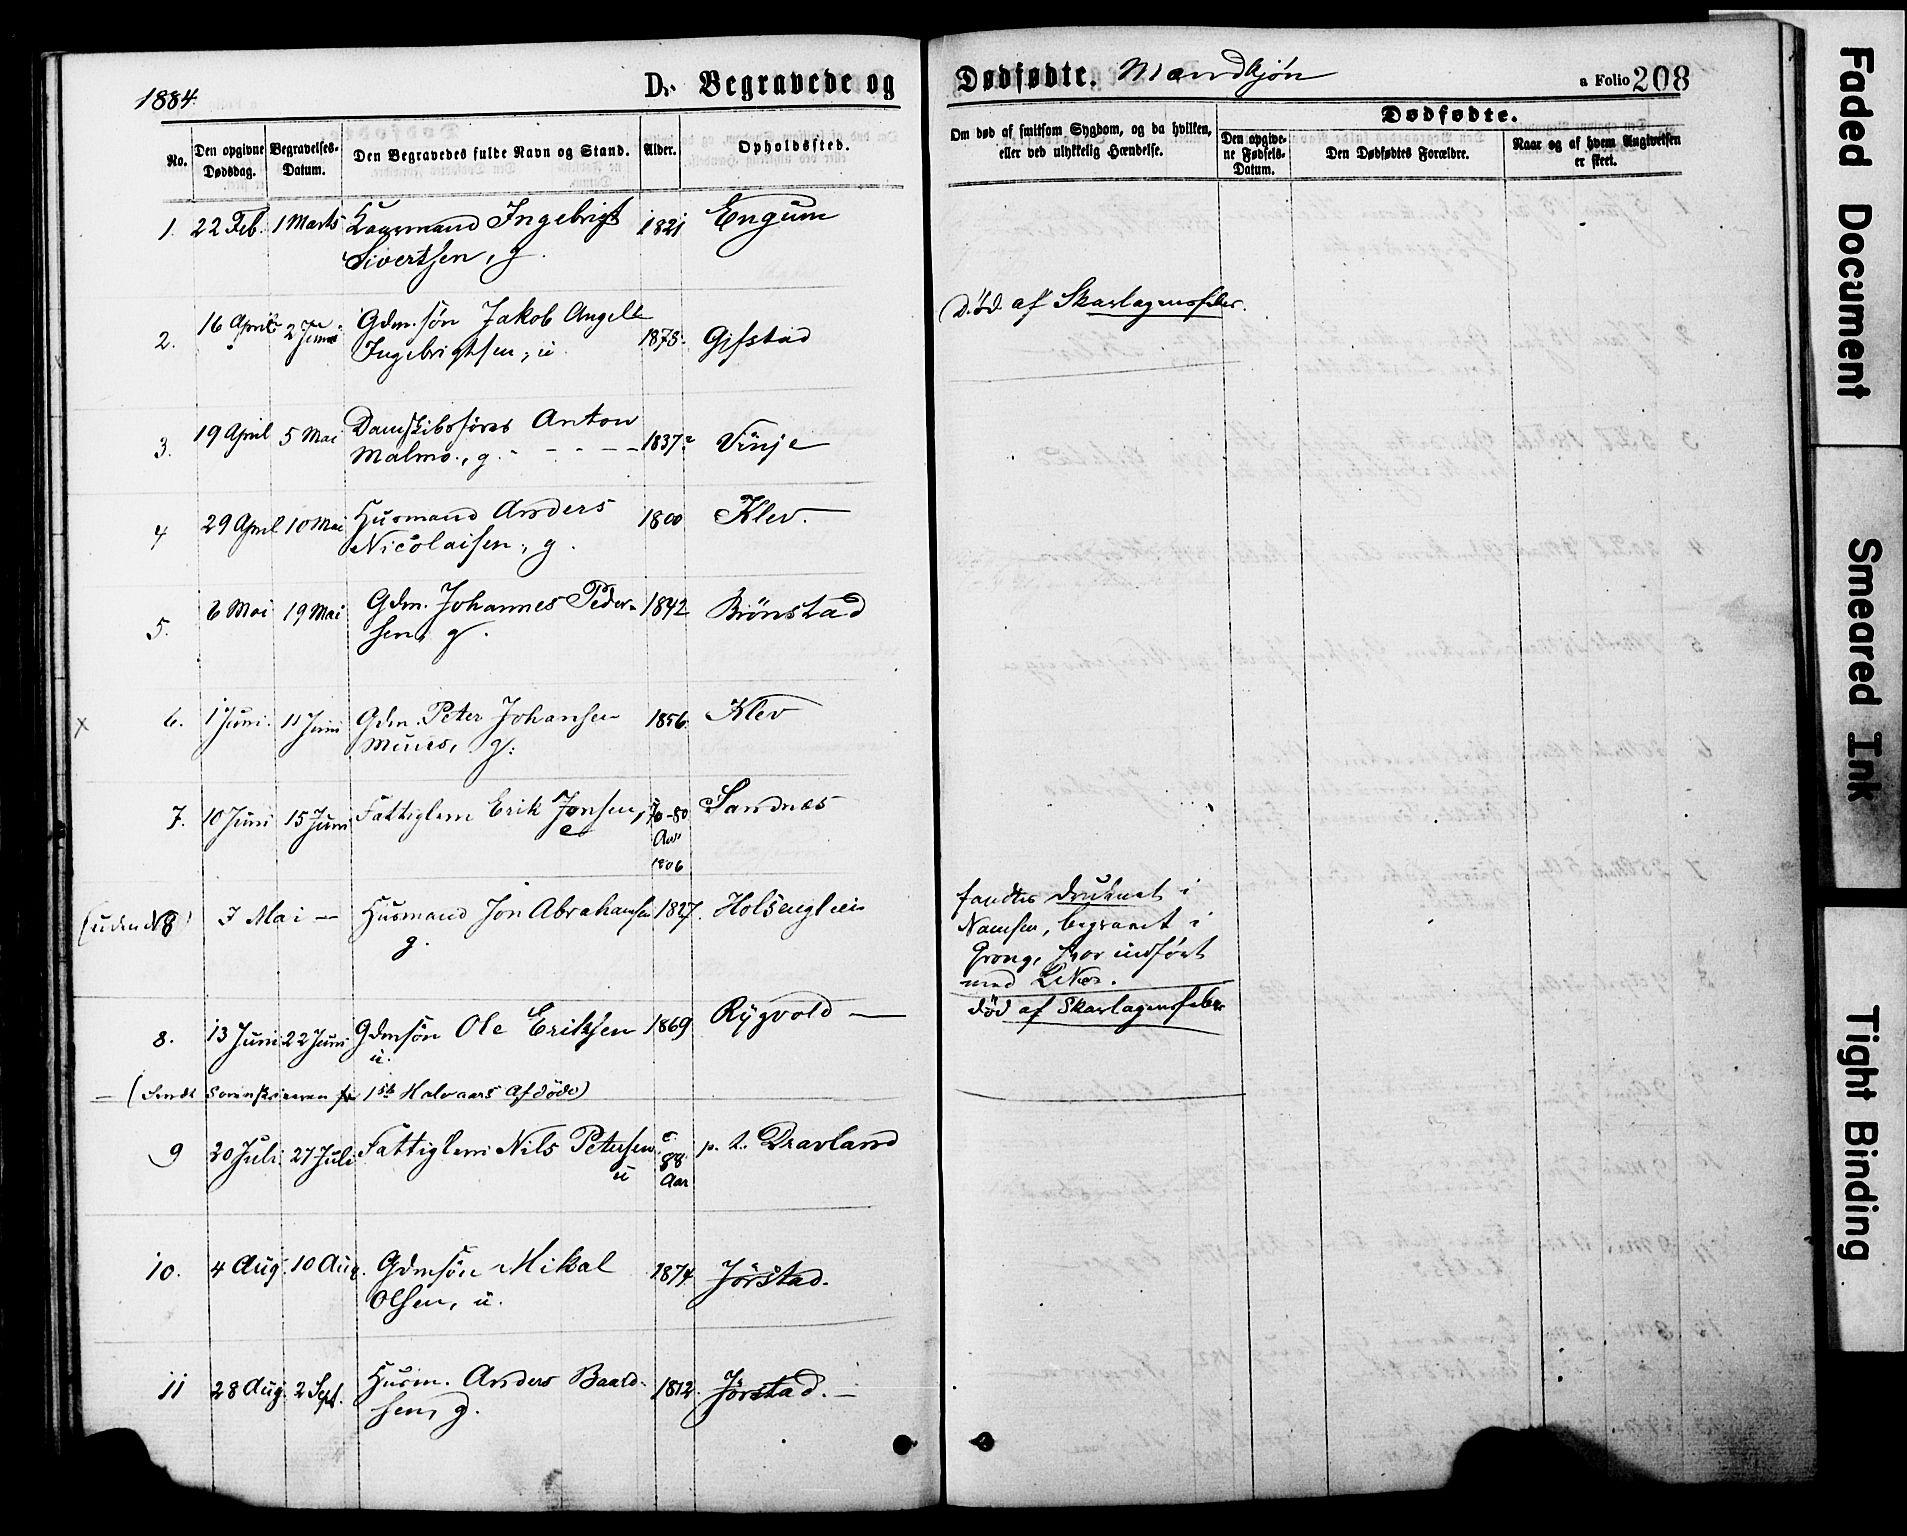 SAT, Ministerialprotokoller, klokkerbøker og fødselsregistre - Nord-Trøndelag, 749/L0473: Ministerialbok nr. 749A07, 1873-1887, s. 208